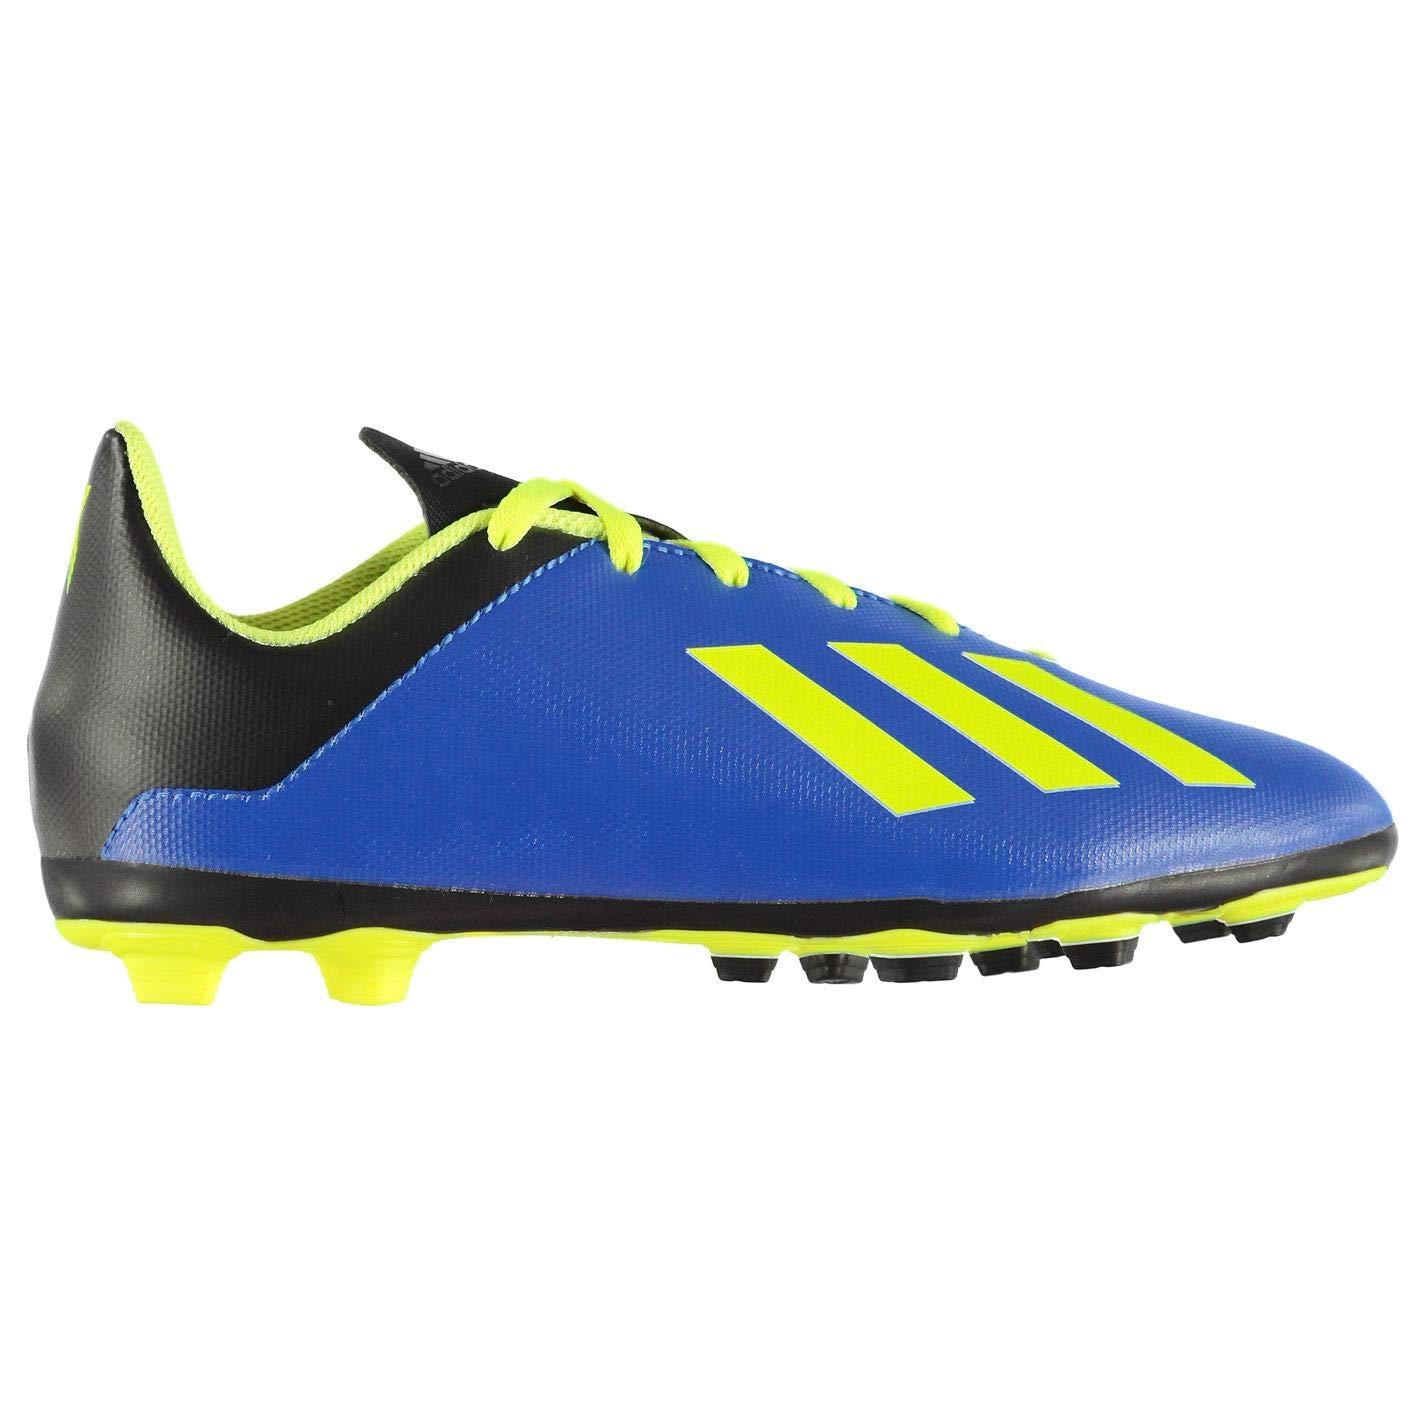 Adidas Unisex-Kinder X 18.4 Fxg Fußballschuhe